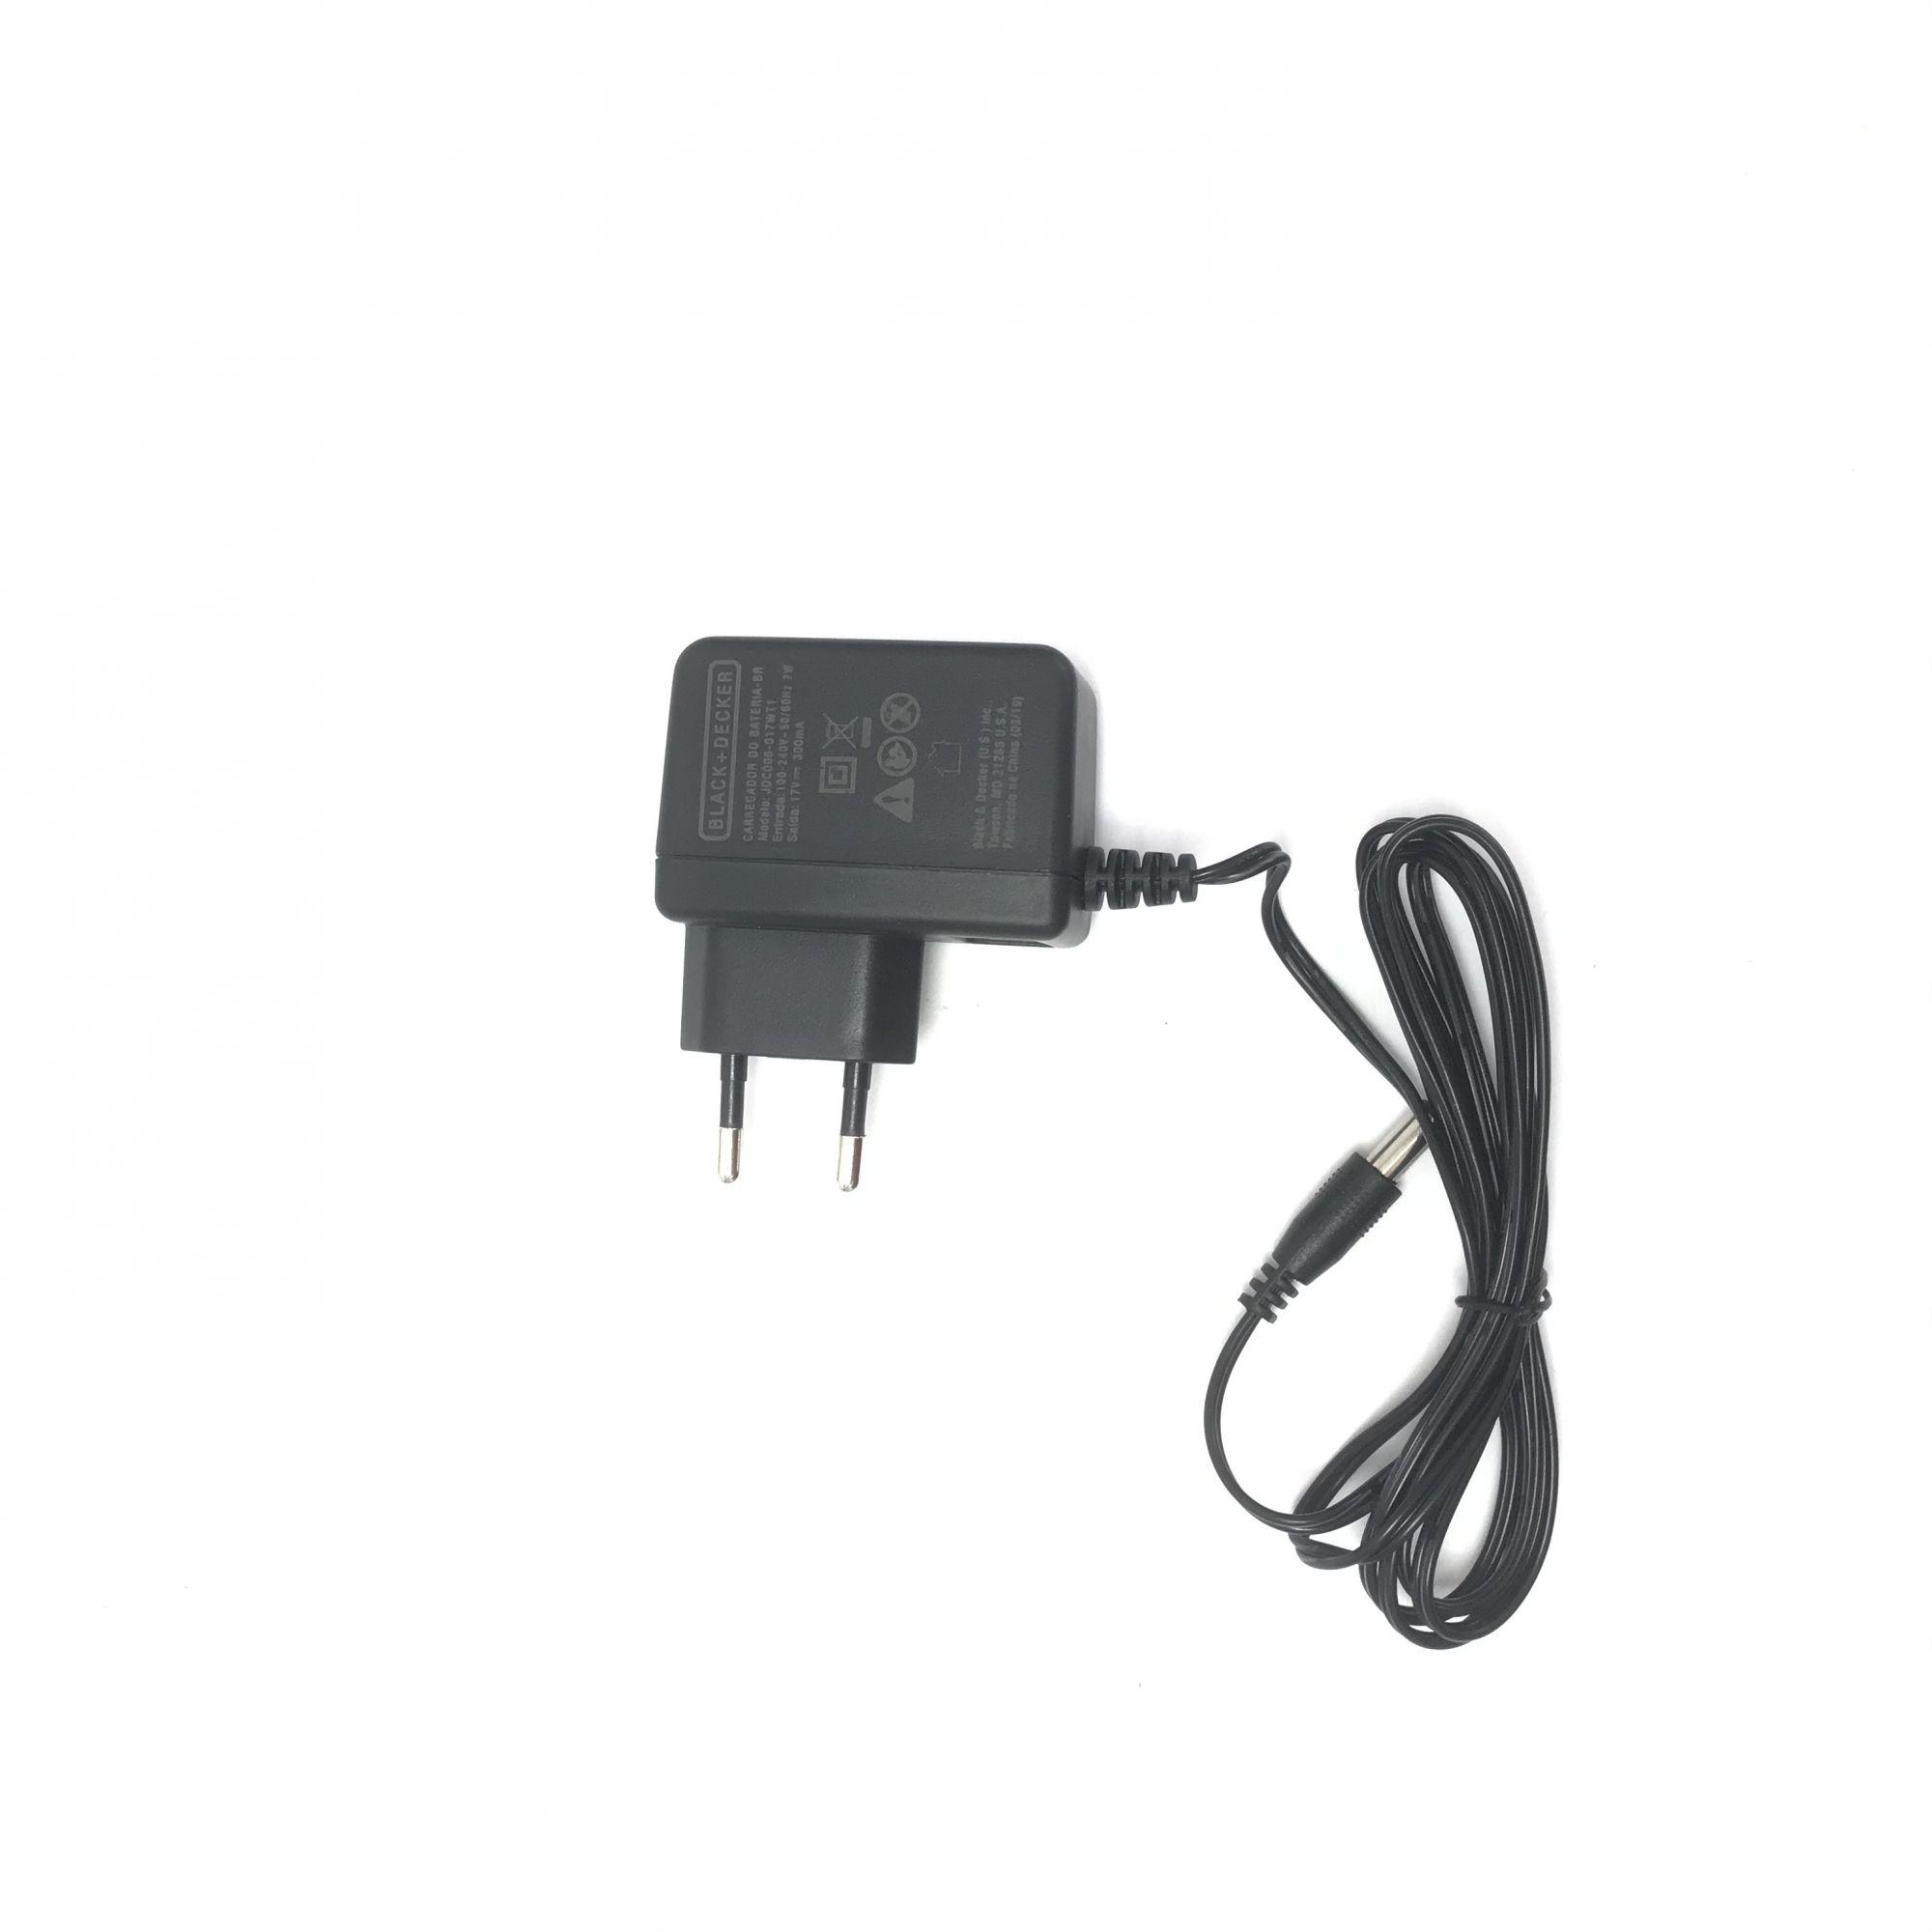 Carregador Bivolt P/ Furadeira CD121k Tipo 1,2,3 e 4 5140025-97 Black+Decker